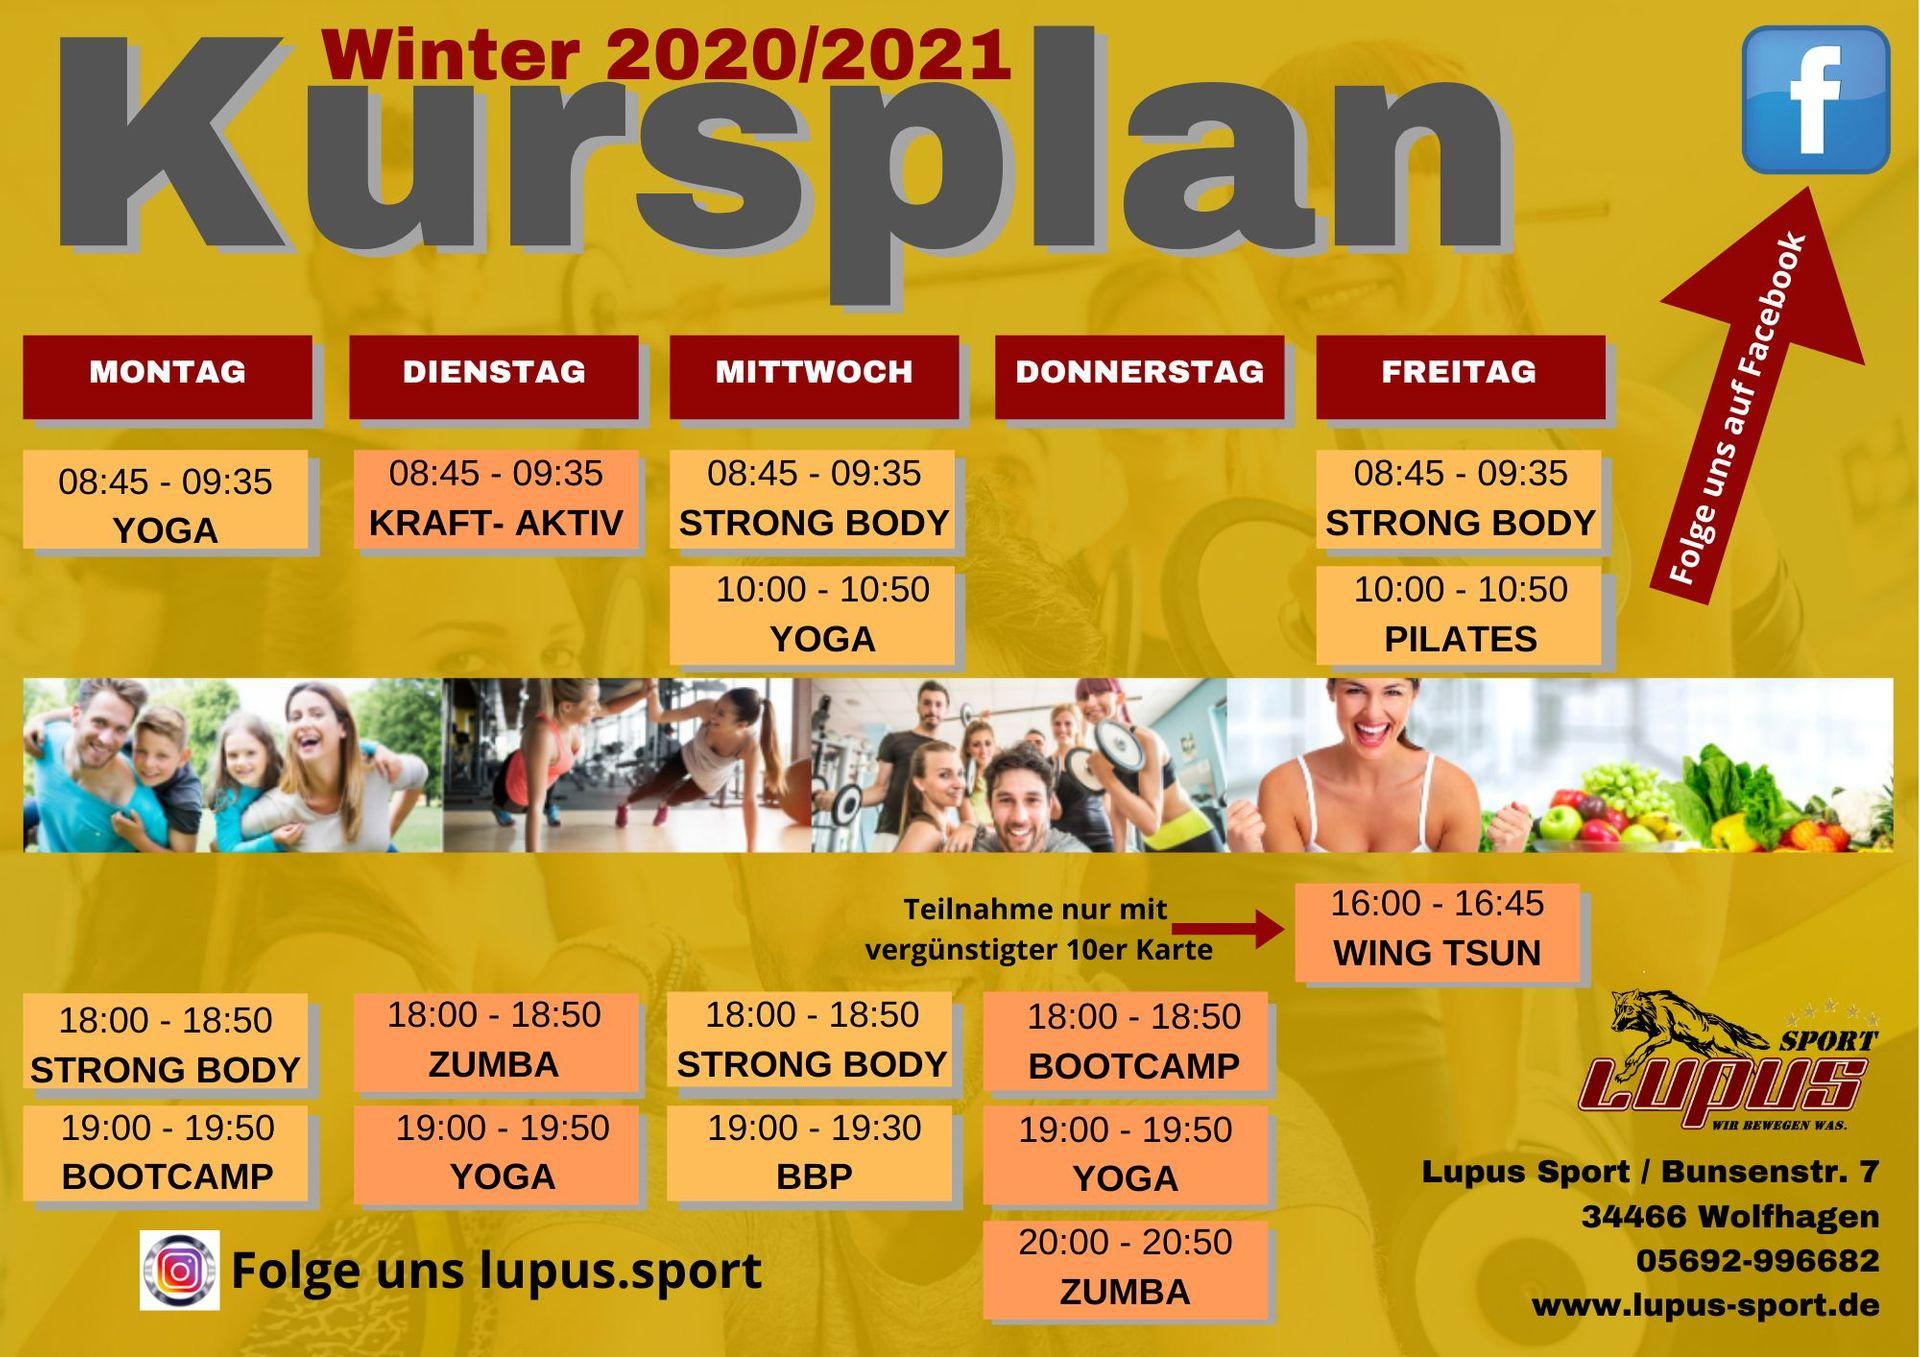 KURSPLAN ab 01.10.2020 | Lupus Sport